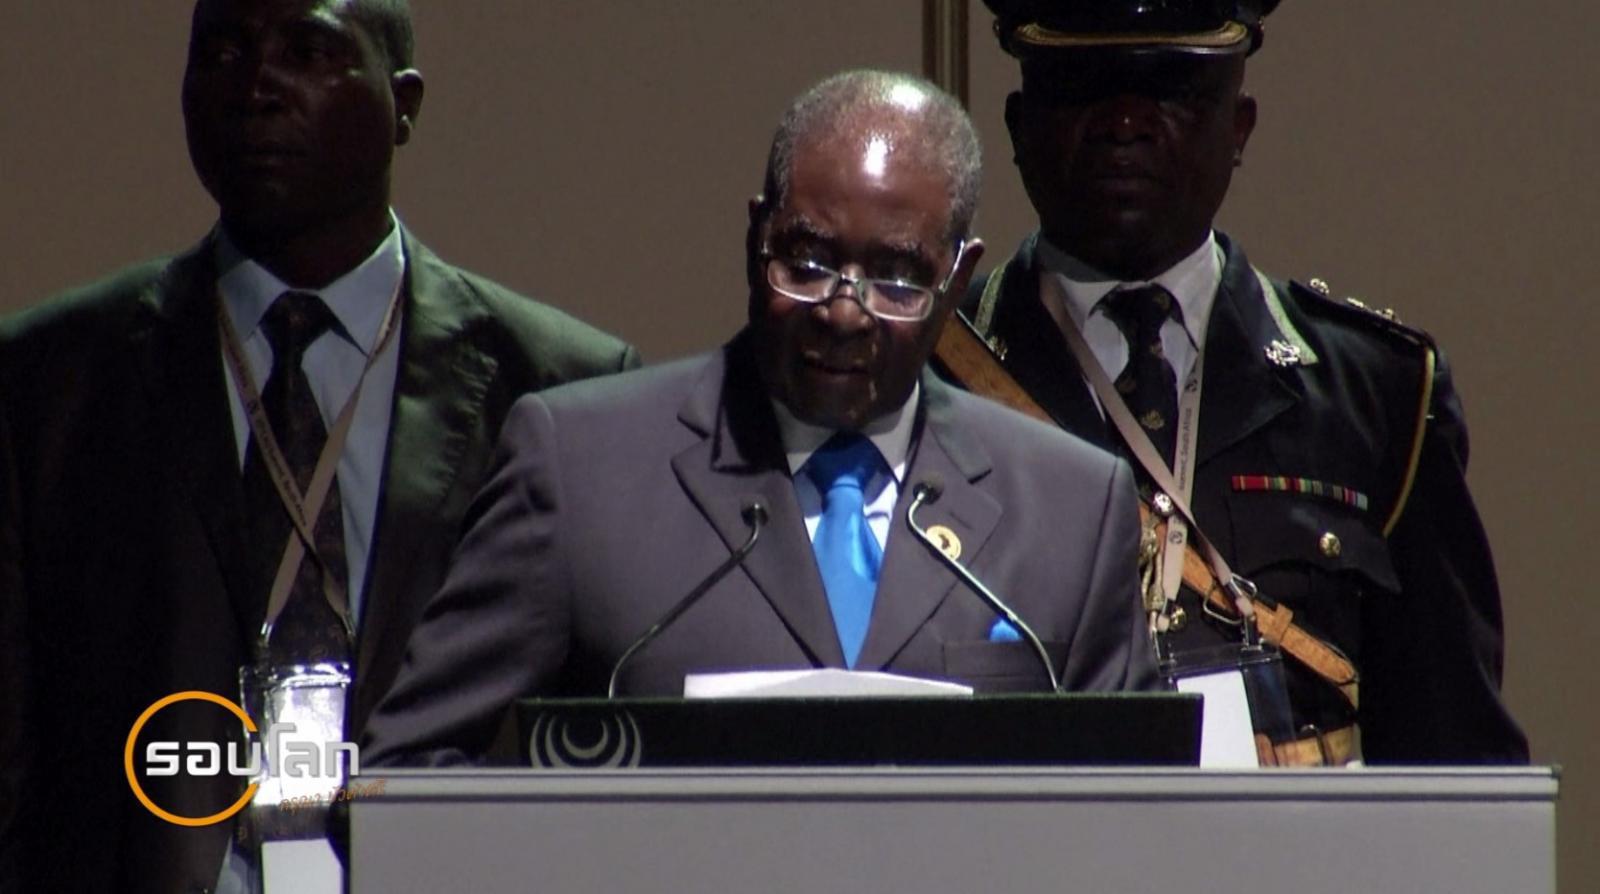 """มองจุดจบ """"ผู้นำฝังราก กุมอำนาจยาวนาน"""" ผ่านการปกครองในแอฟริกา"""